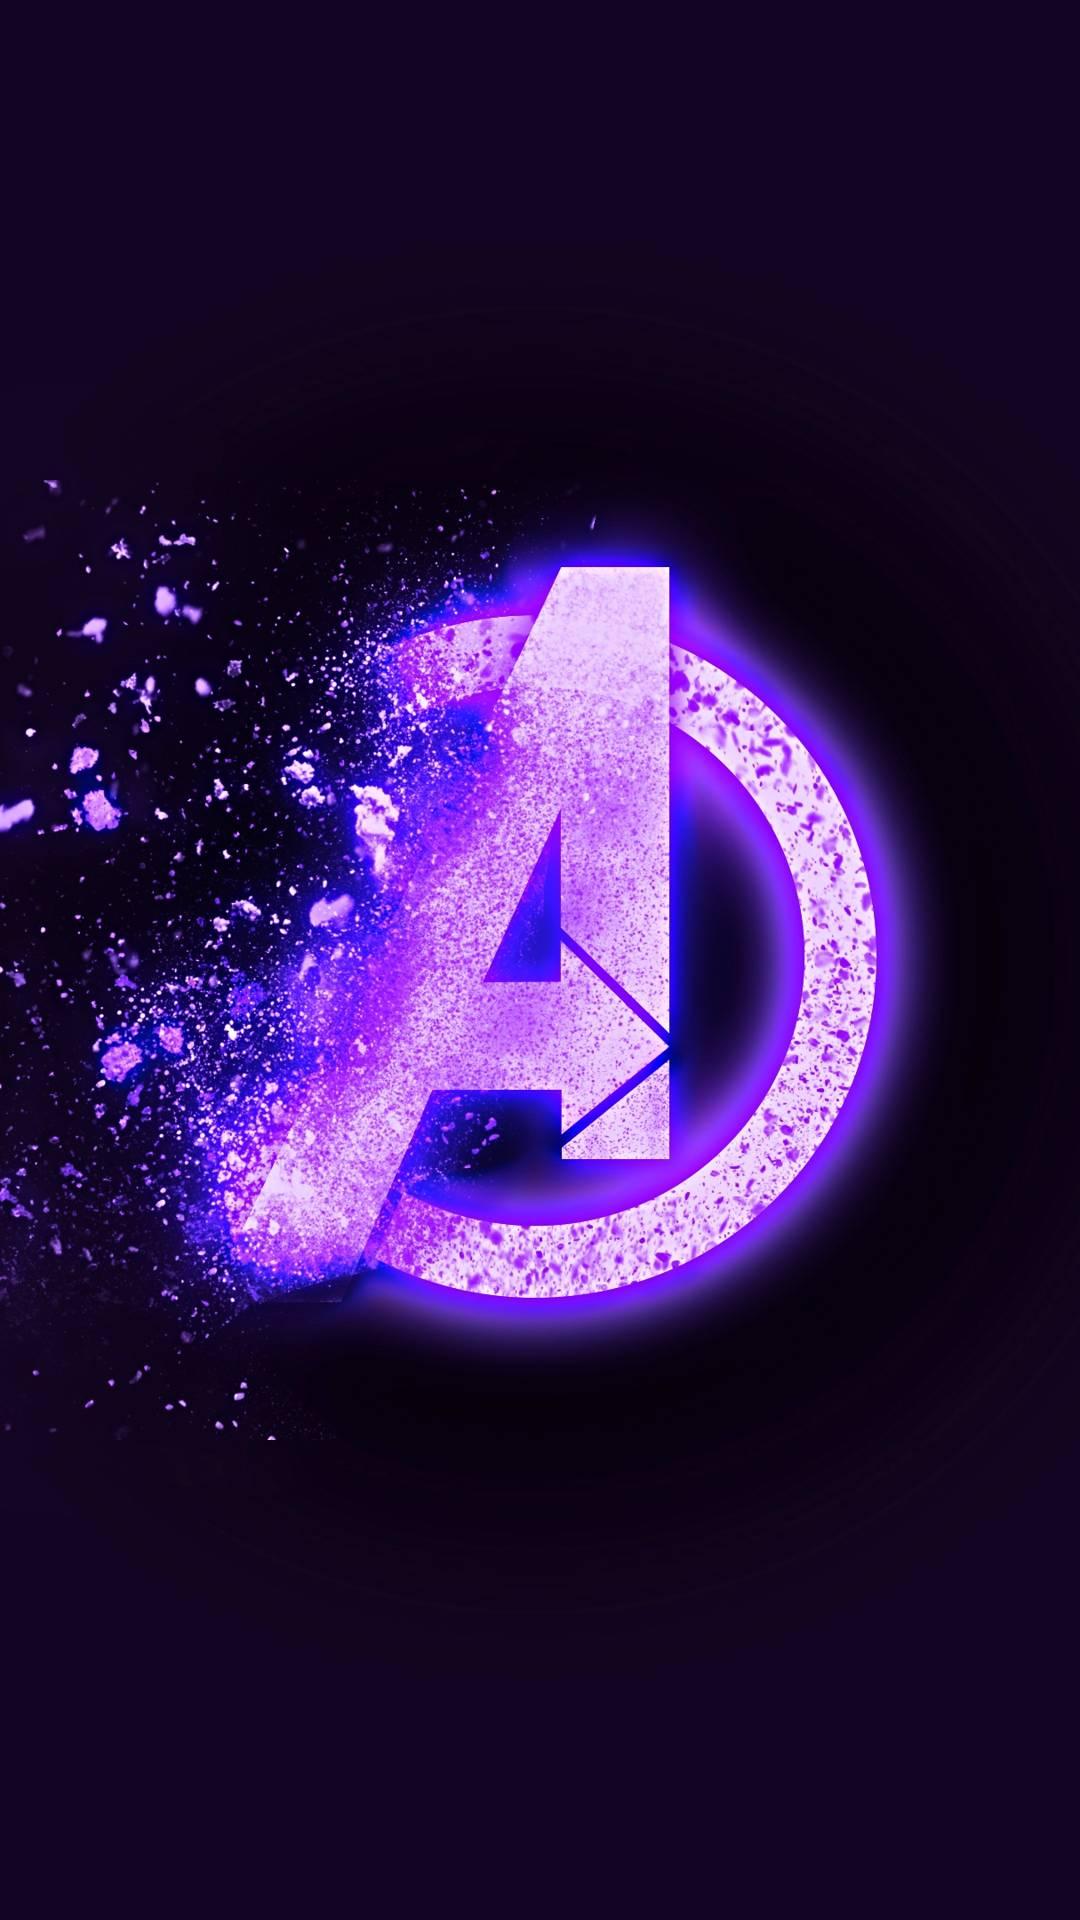 Avengers Endgame Dust Logo iPhone Wallpaper